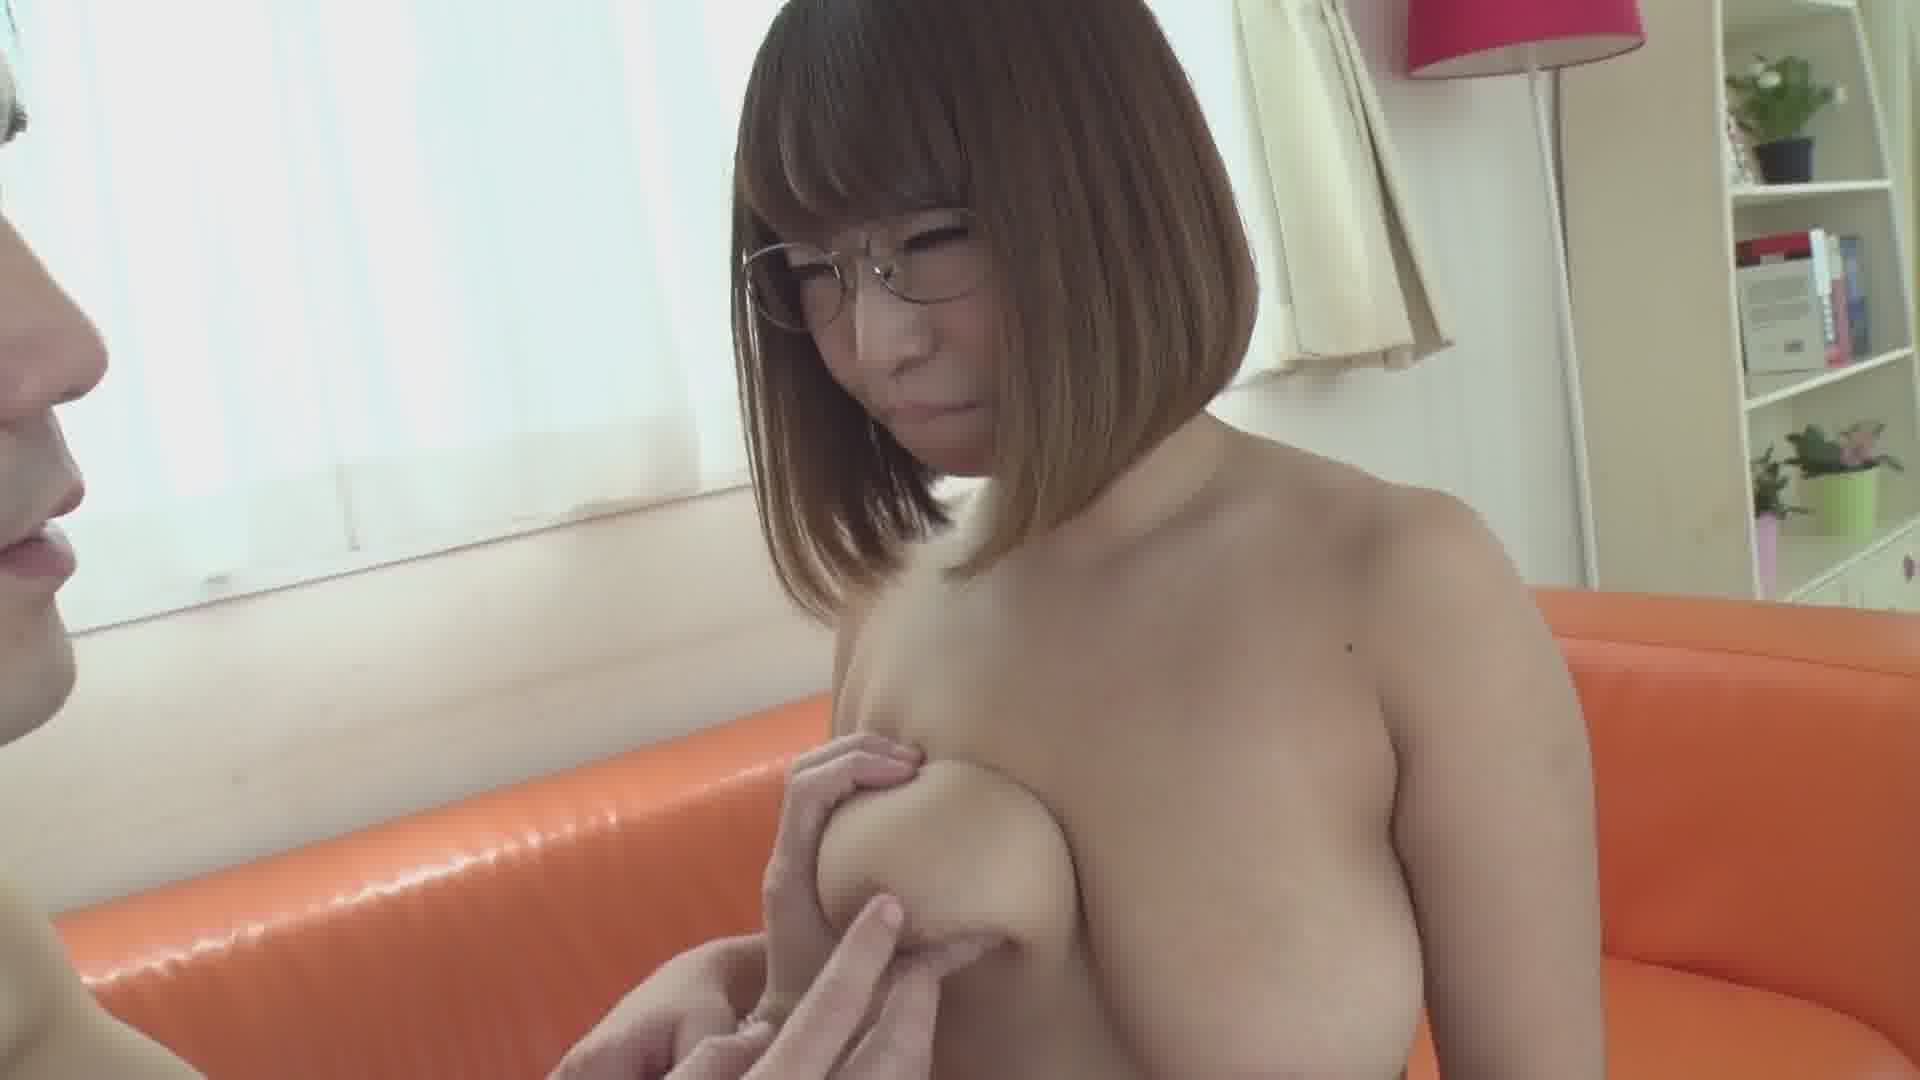 本性はむっつりスケベな内気女子 - 岡本理依奈【めがね・パイズリ・中出し】